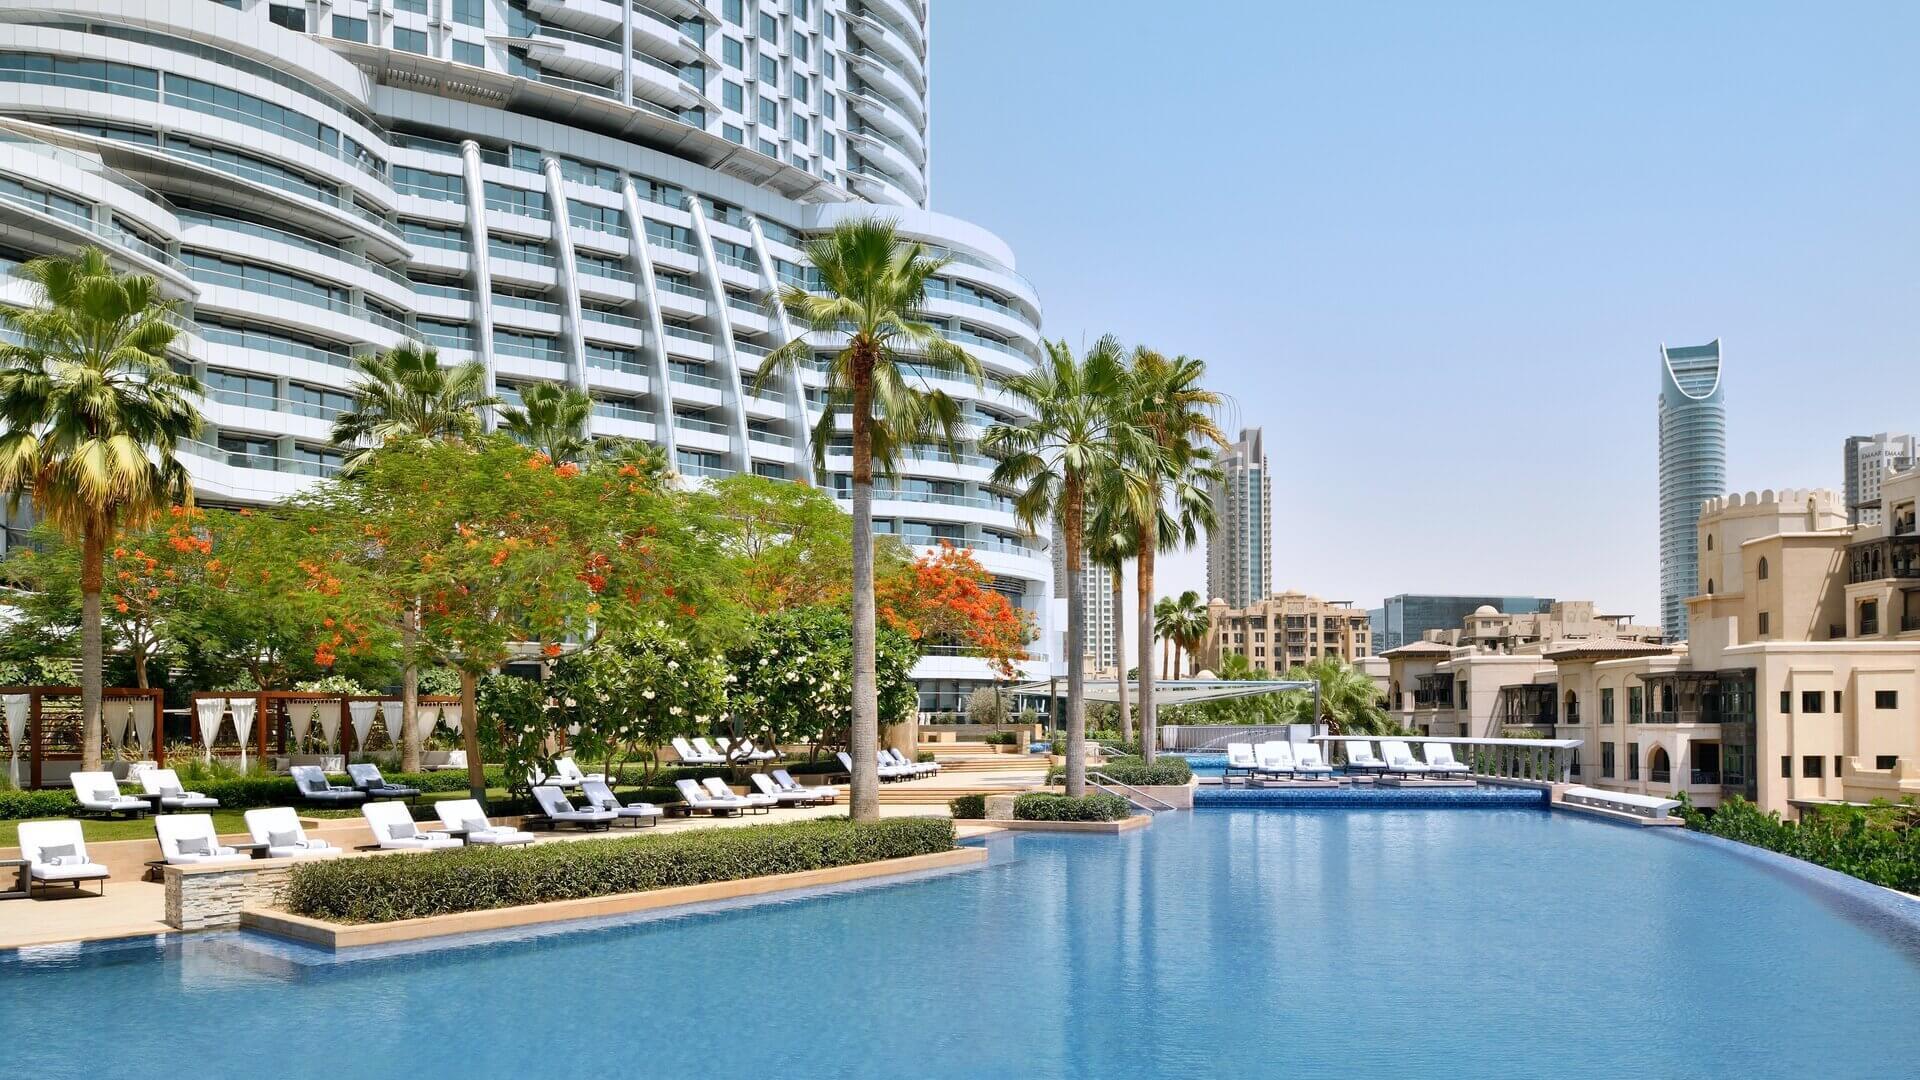 Apartamento en venta en Dubai, EAU, estudio, 48 m2, № 24103 – foto 2